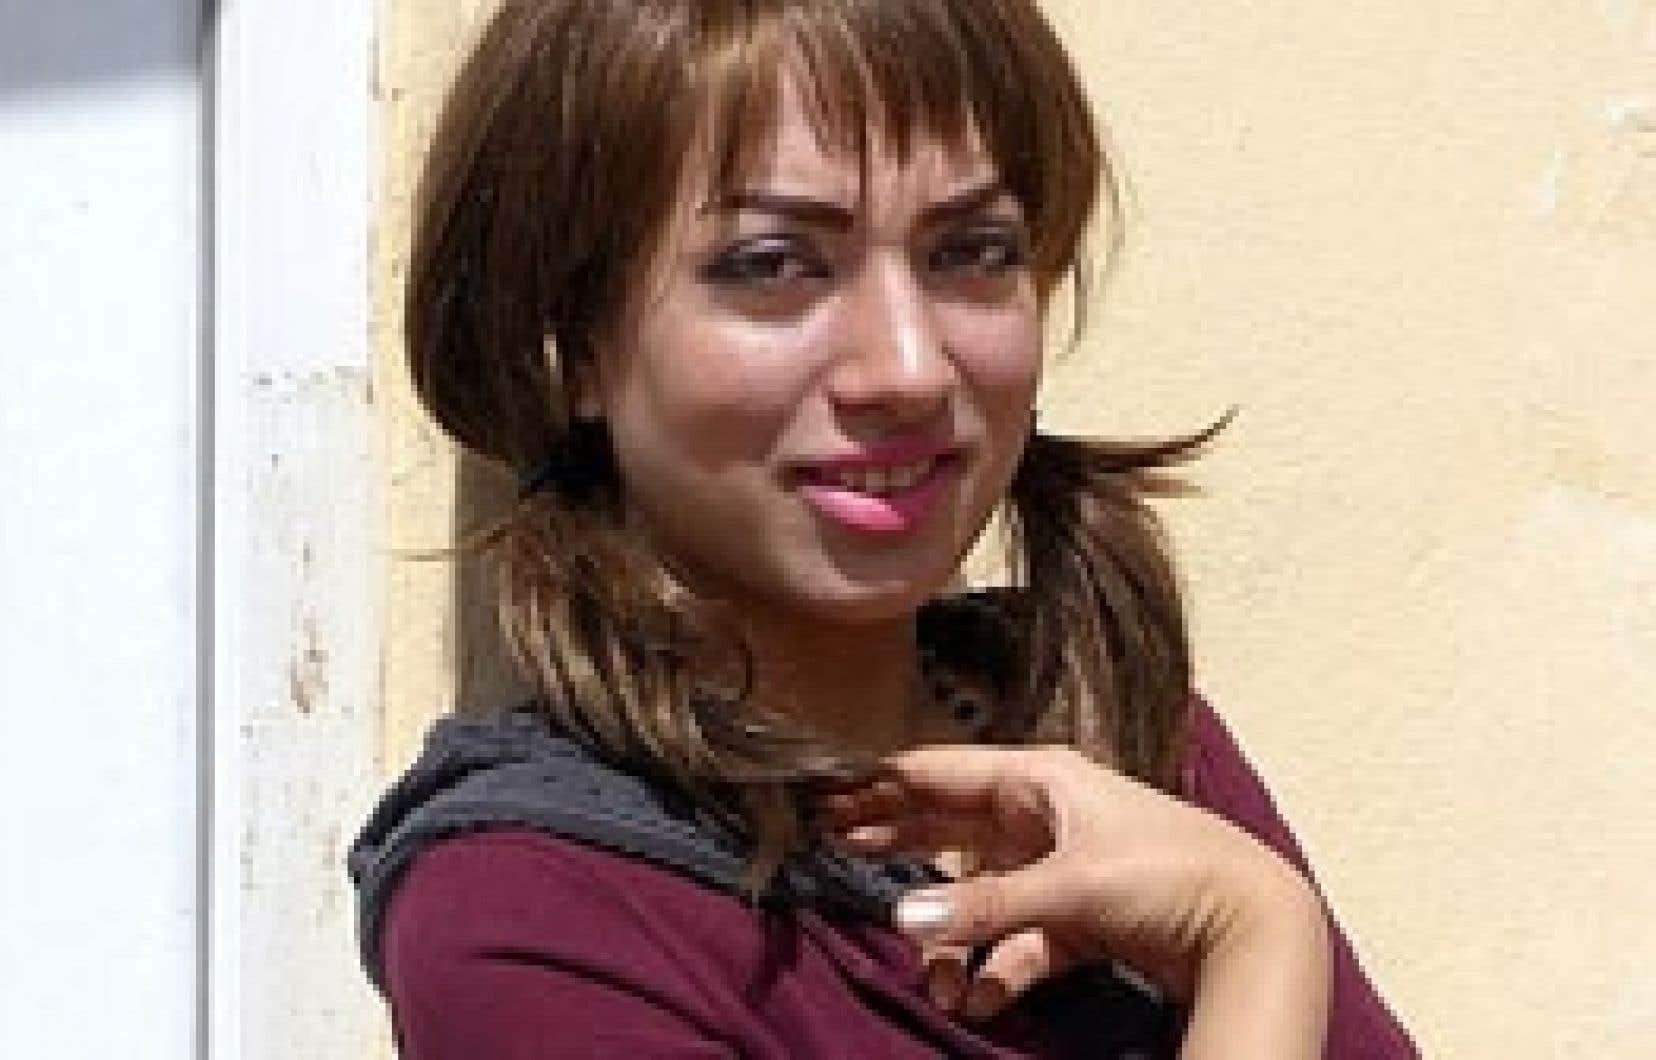 Paradise Sorouri est née en exil à Ispahan, au centre de l'Iran. Elle vivra ensuite à Herat, en Afghanistan, puis au Tadjikistan, avant de rentrer au pays, à Kaboul.